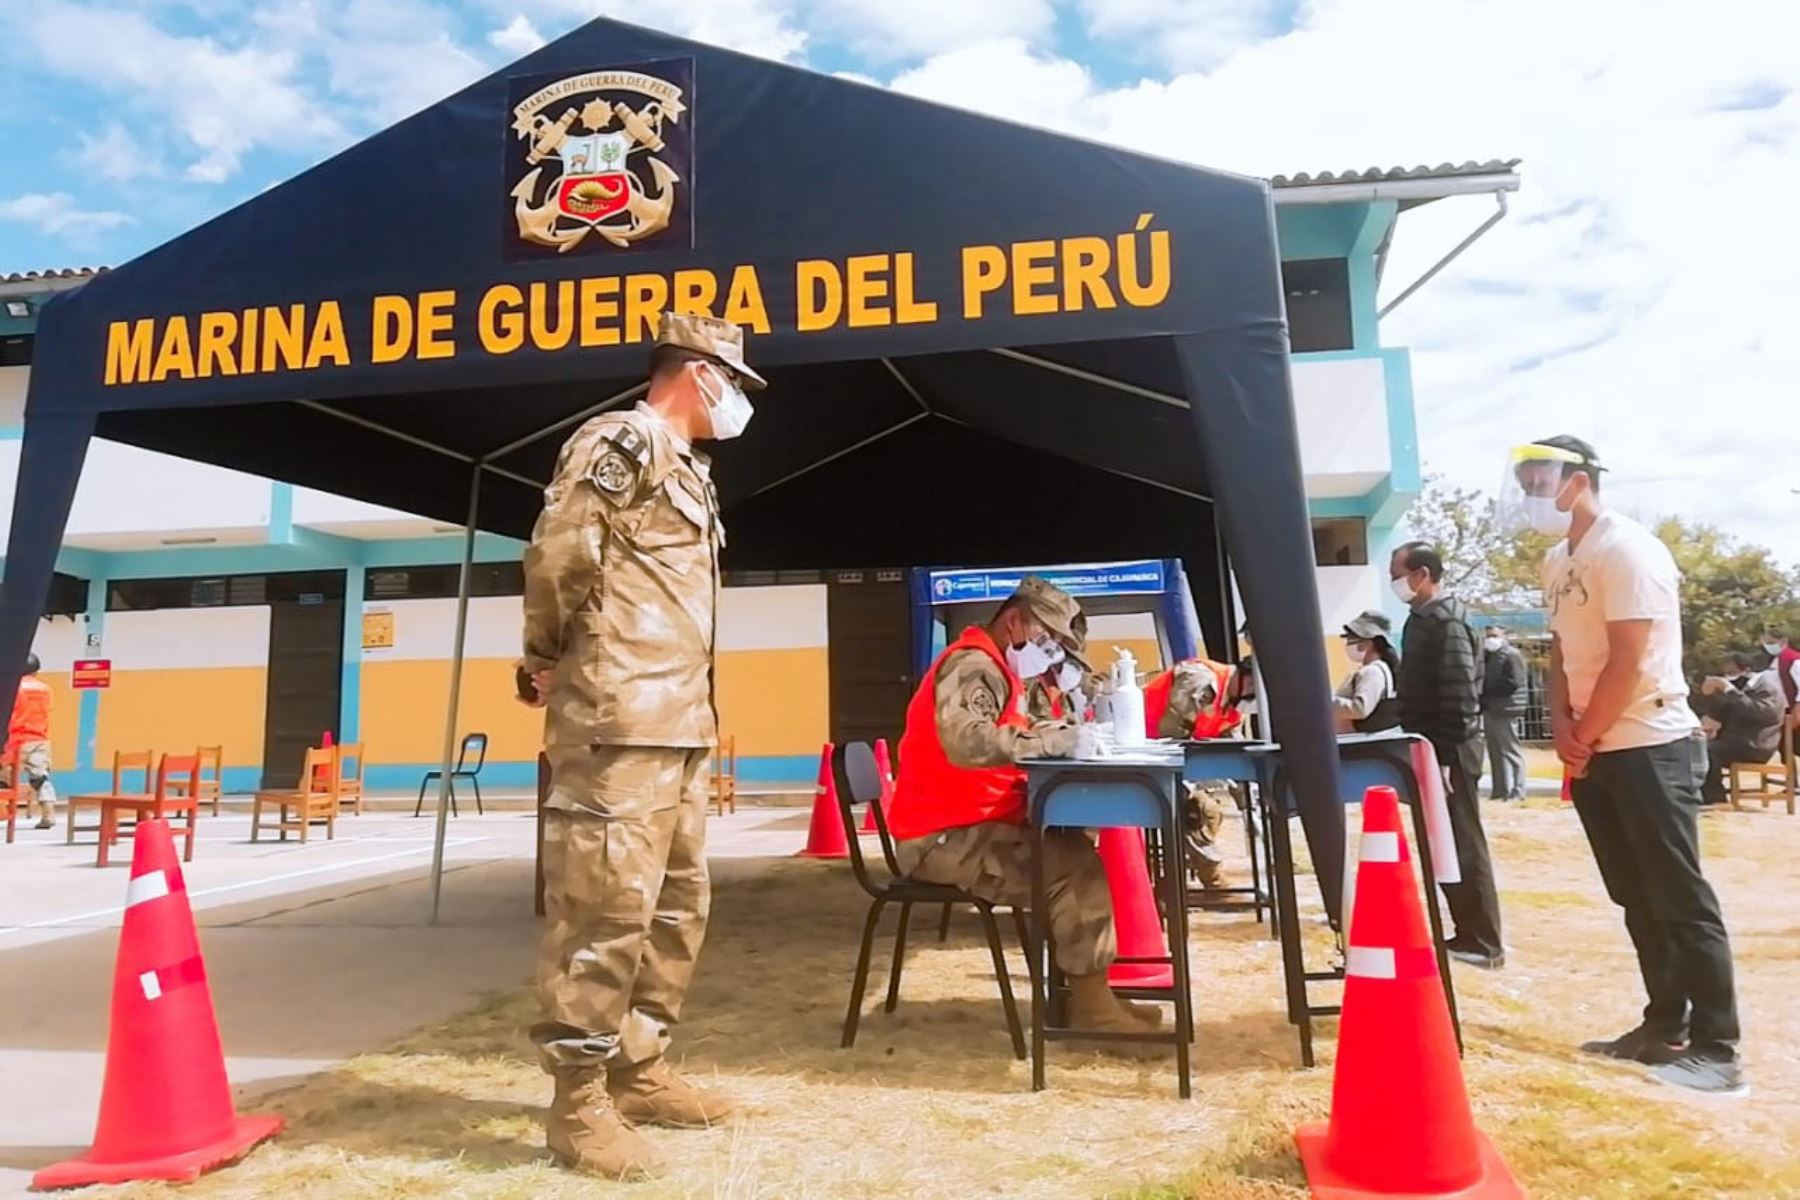 Personal de la Marina de Guerra del Perú brinda ayuda a las personas más vulnerables, como parte de la operación Tayta en Cajamarca. En diversos puntos de atención, se continuó con el tamizaje y pruebas rápidas para diagnosticar si están contagiados por covid-19. Foto: Marina de Guerra